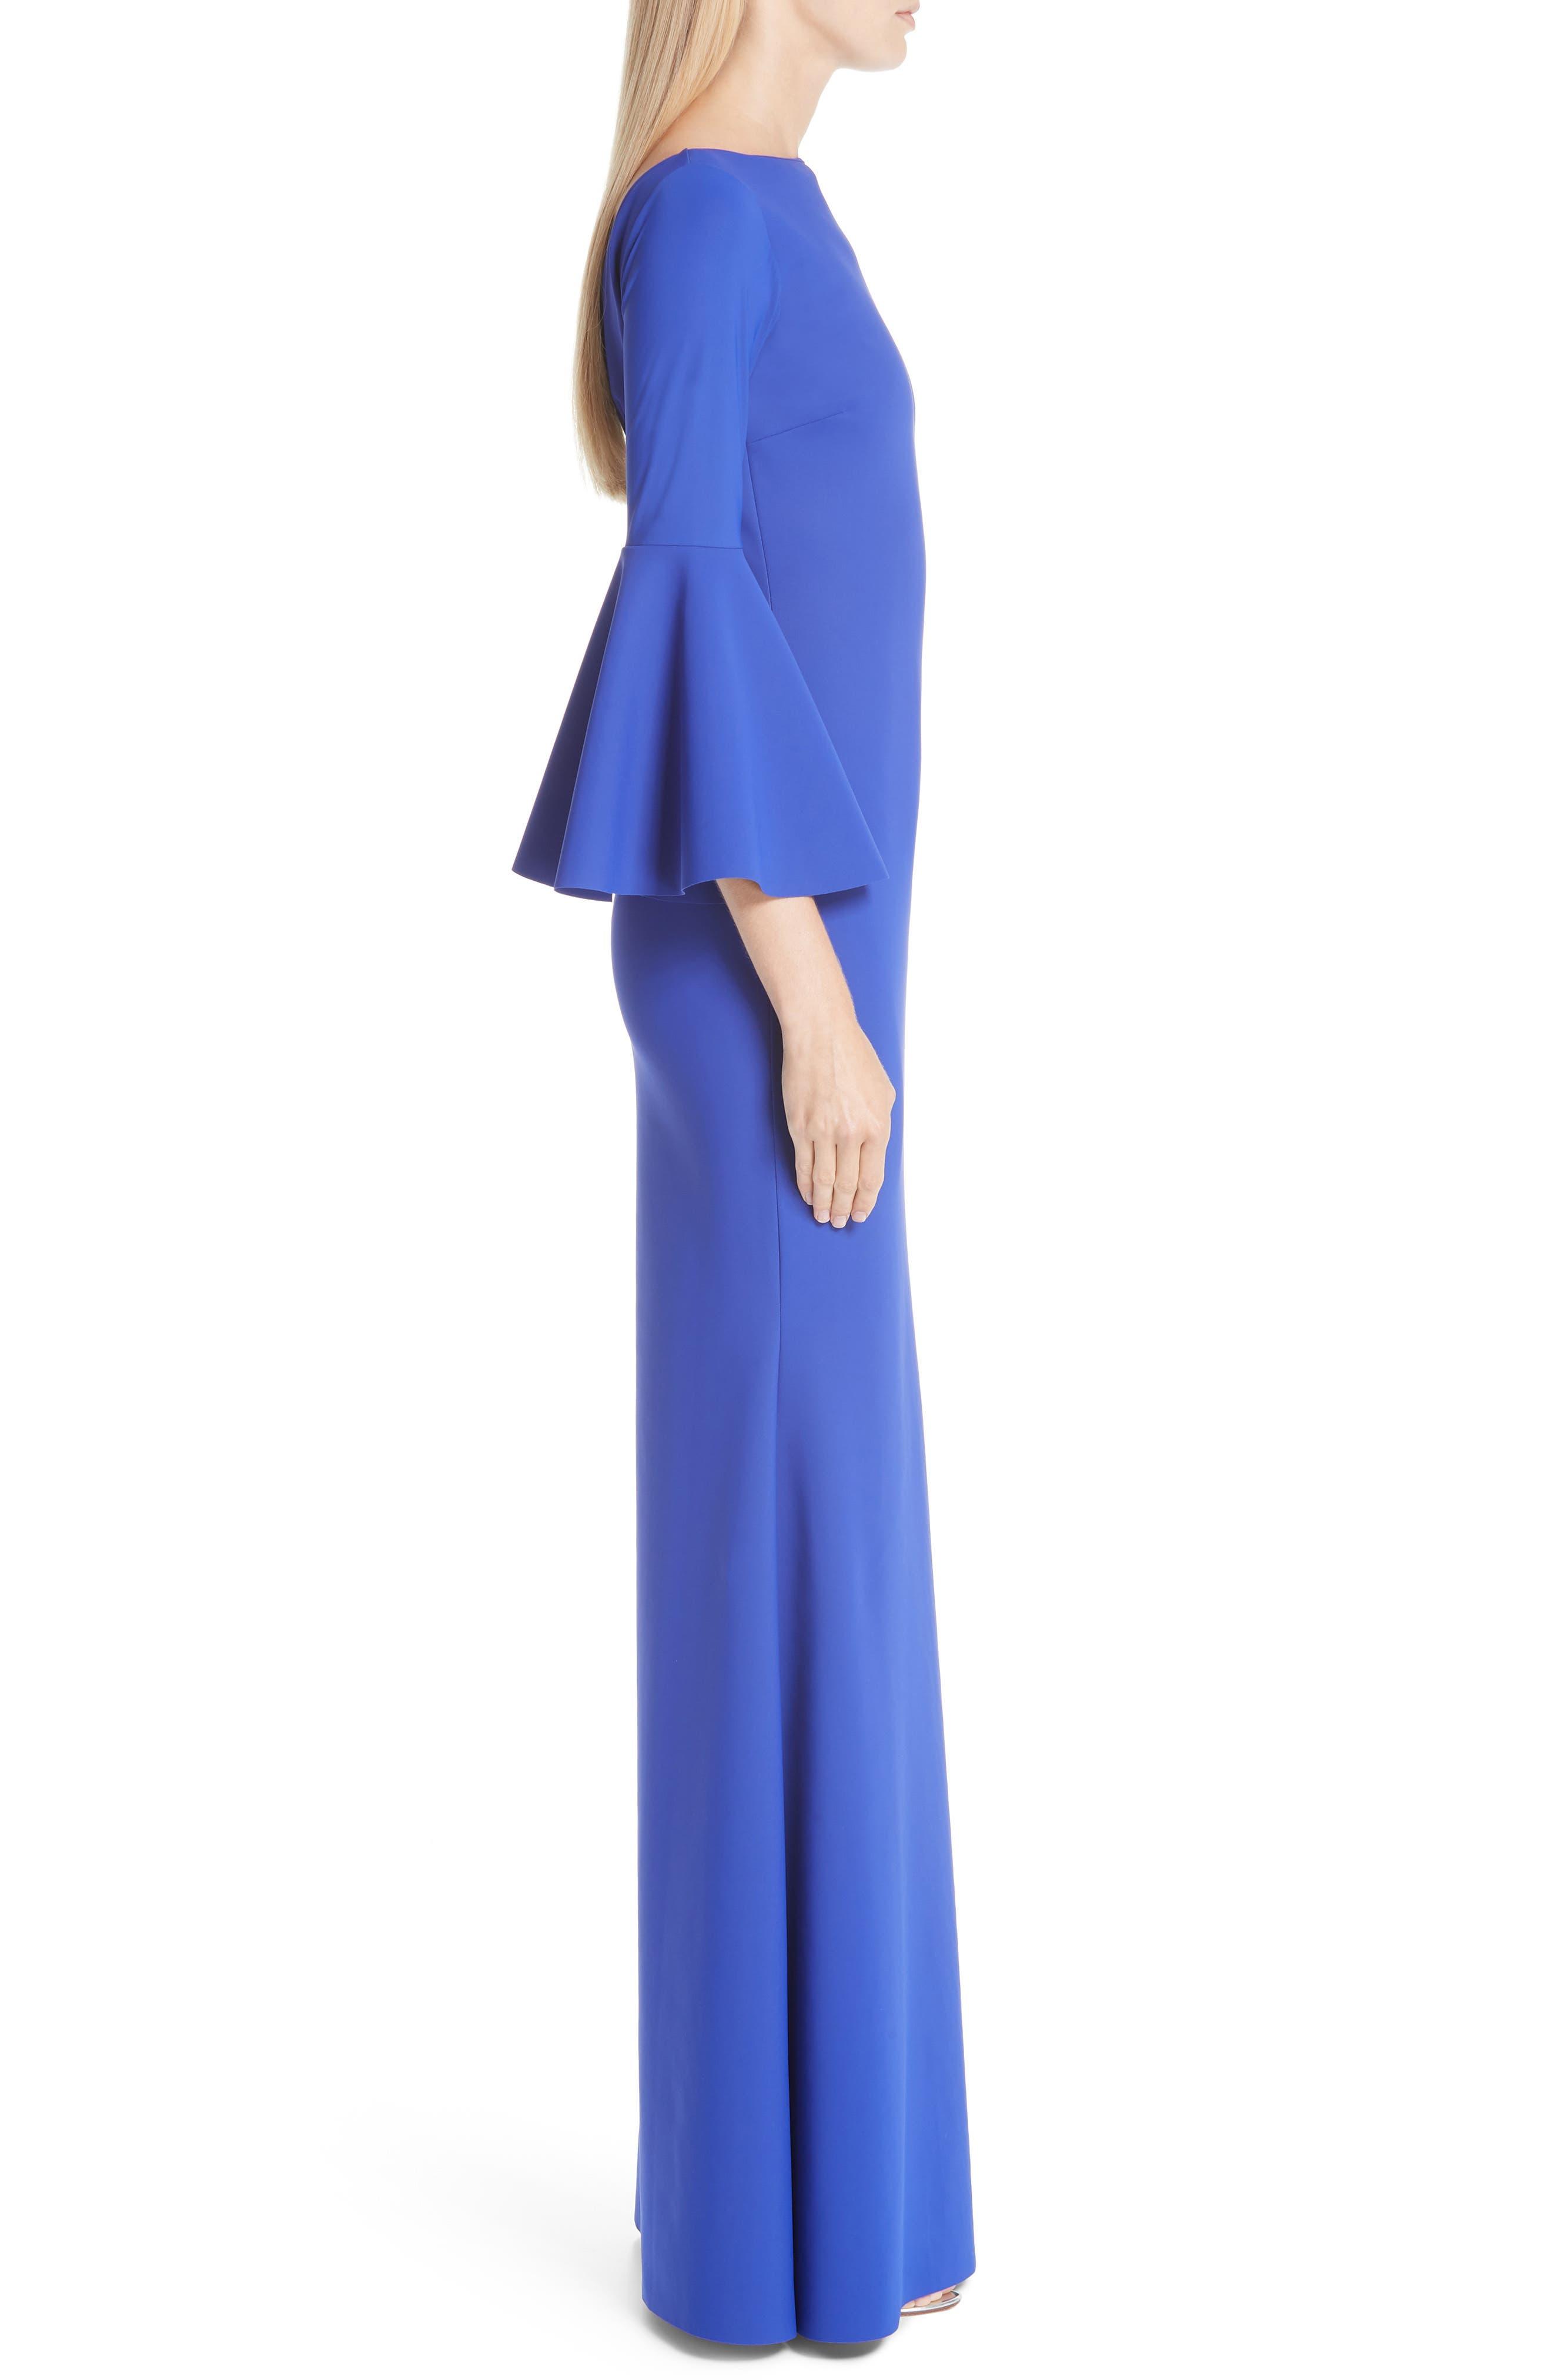 CHIARA BONI LA PETITE ROBE, Iva Bell Sleeve Evening Dress, Alternate thumbnail 5, color, INCHIOSTRO